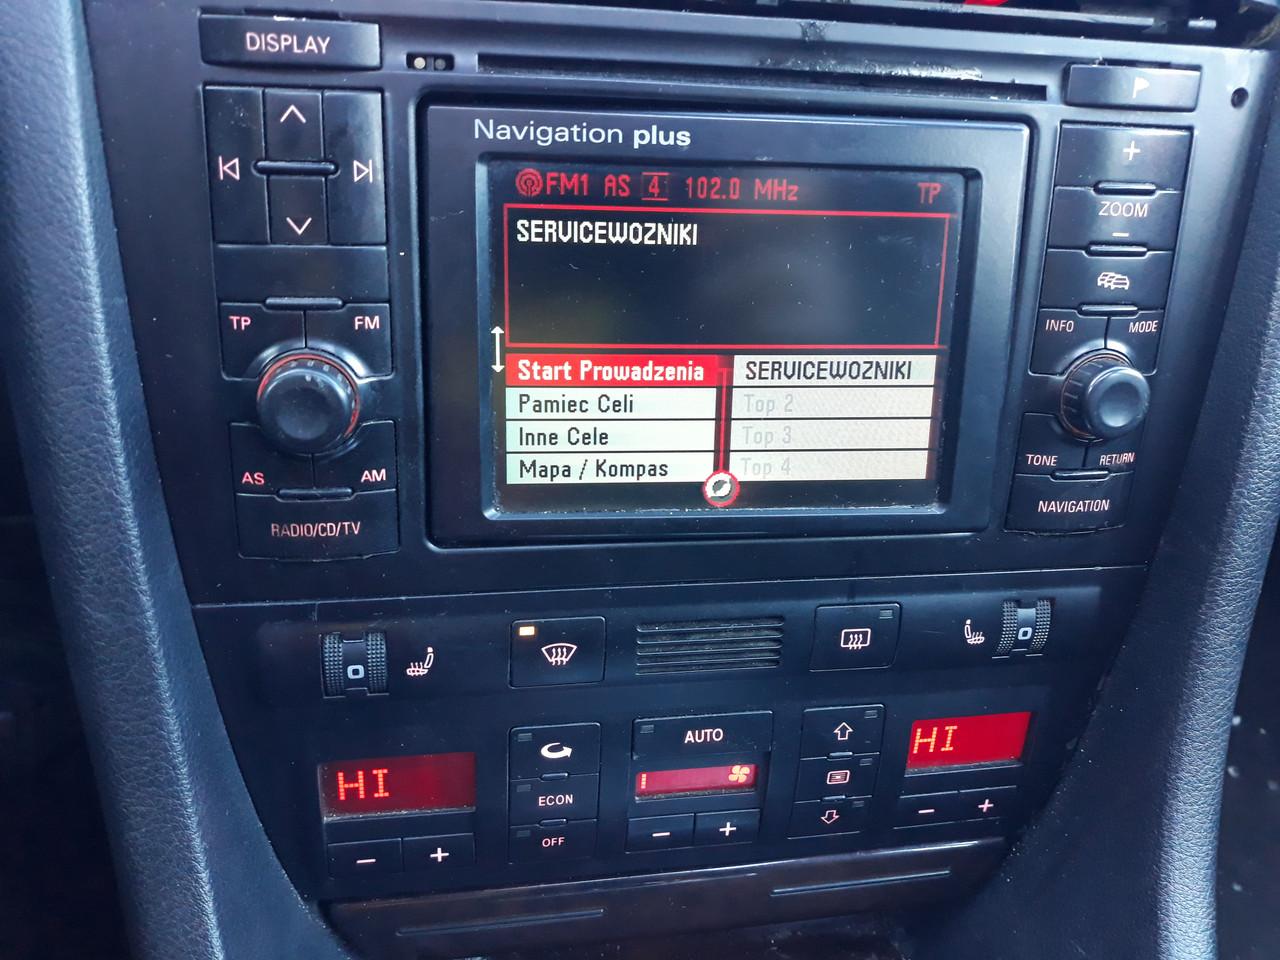 Центральная консоль 2din audi a6 c5 navigation plus в сборе ауди а6 с5